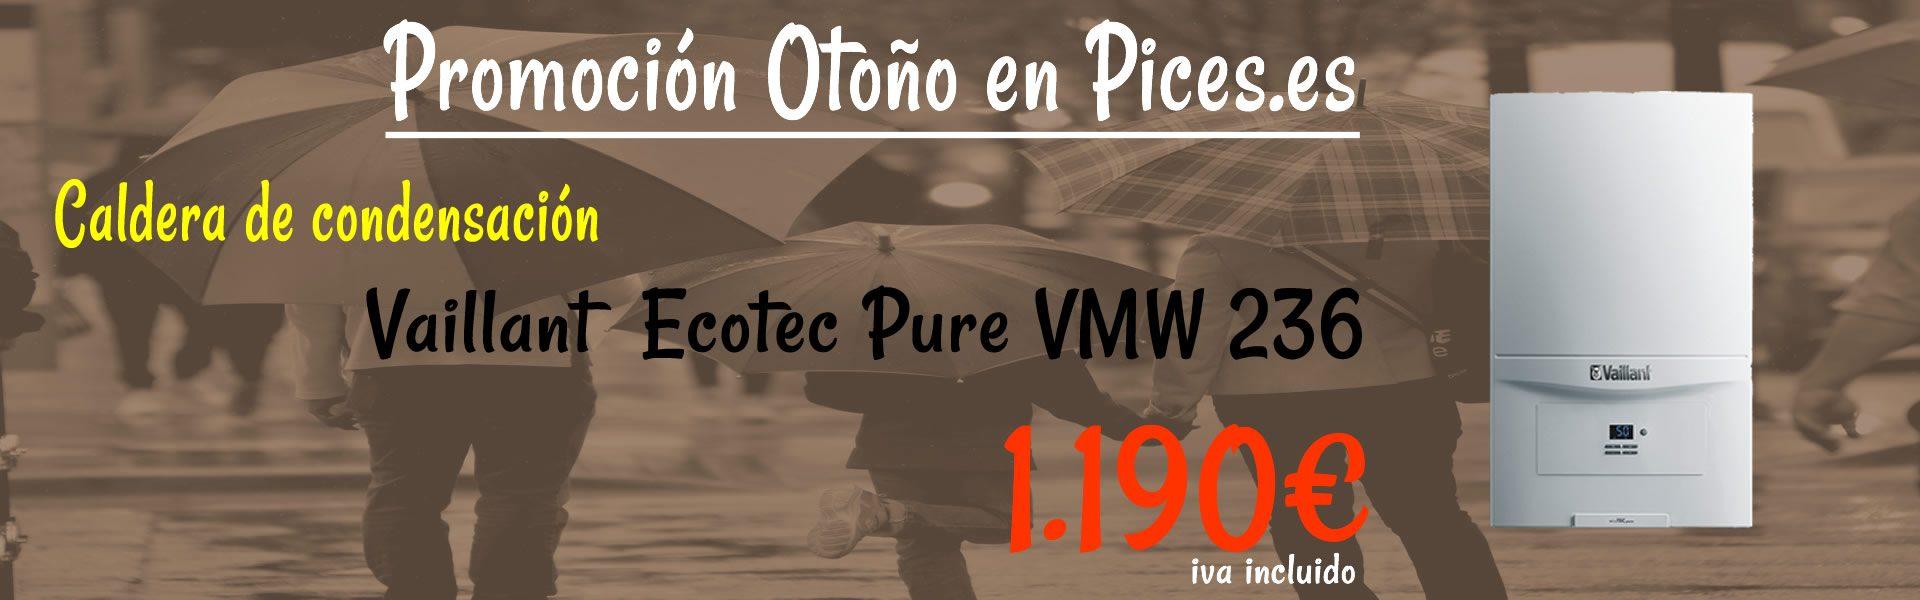 promoción-otoño-en-pices.es-caldera-de-condensación-vaillant-ecotec-pure-vmw-236-por-1.190€